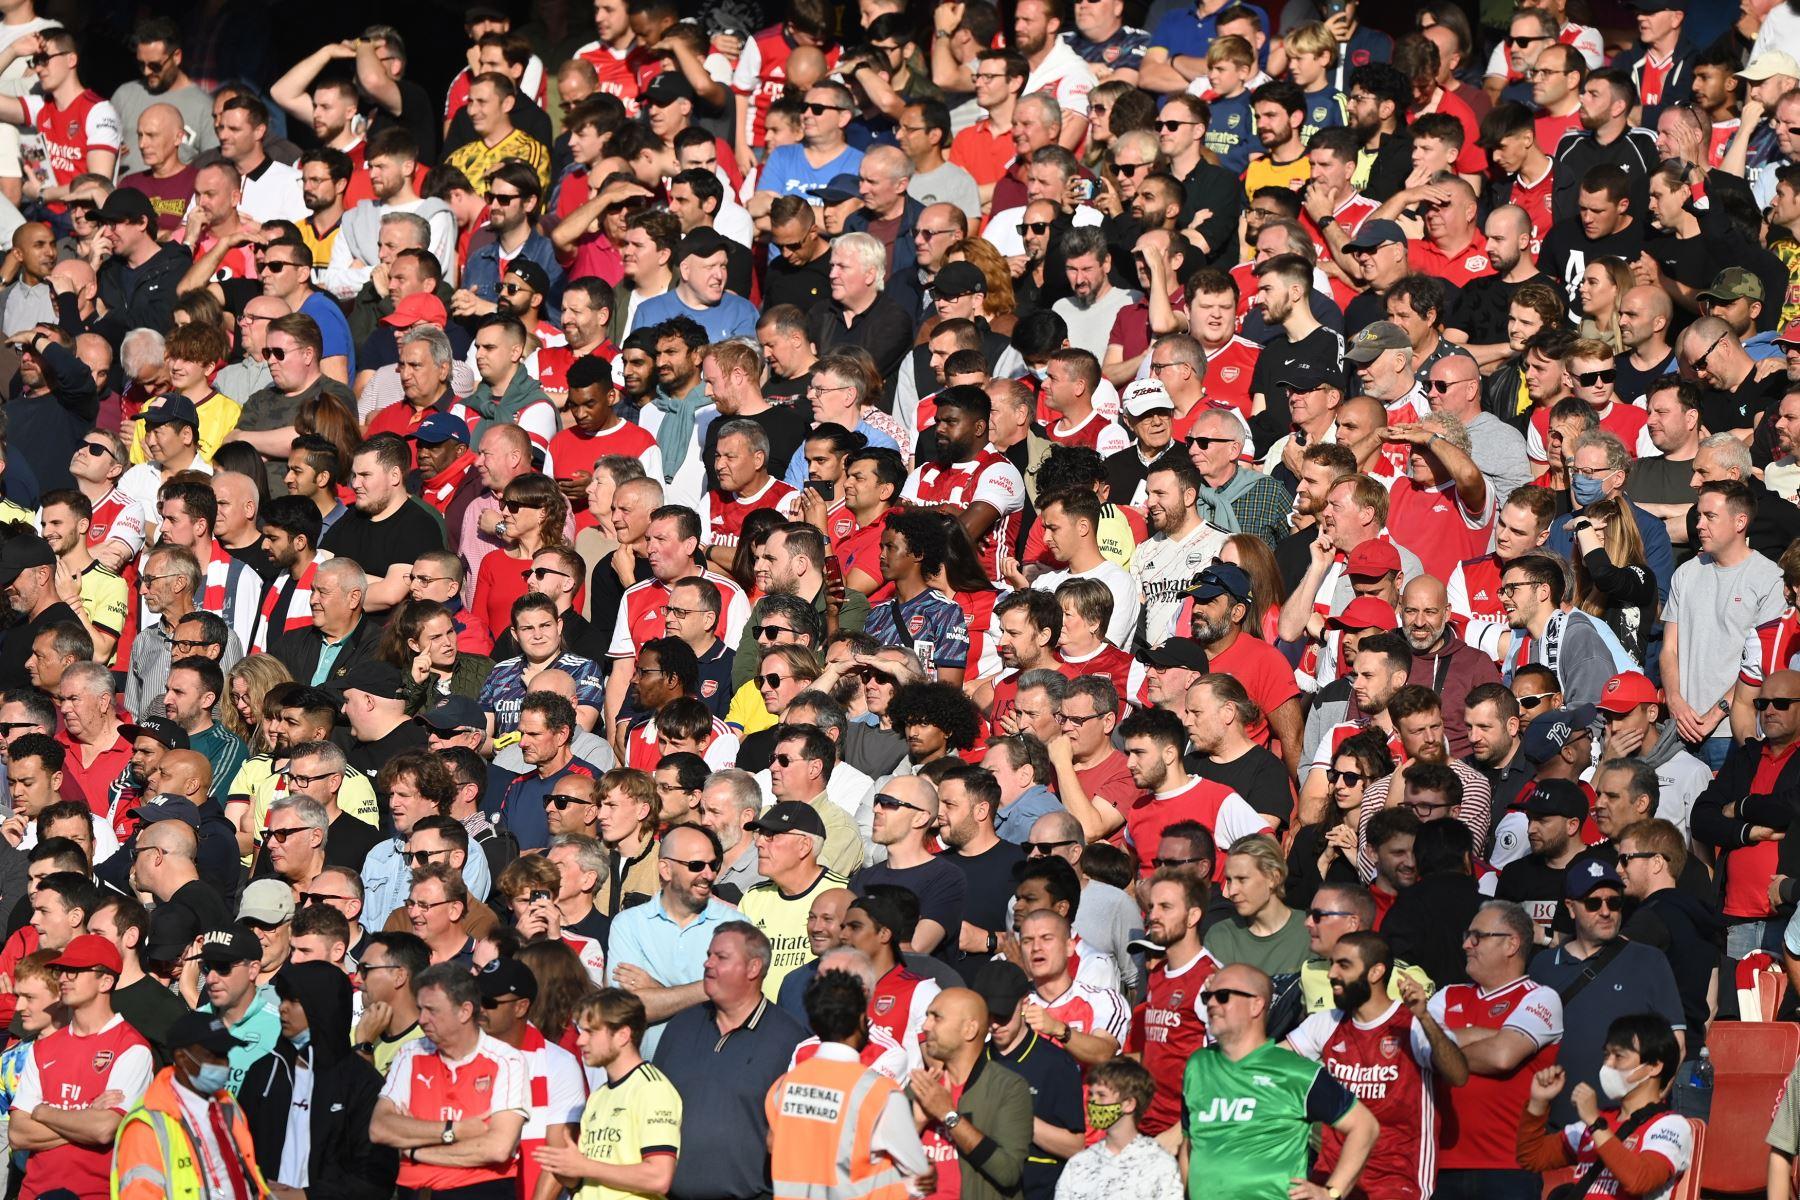 Hinchas del Arsenal durante el partido de fútbol de la Premier League. Foto. EFE